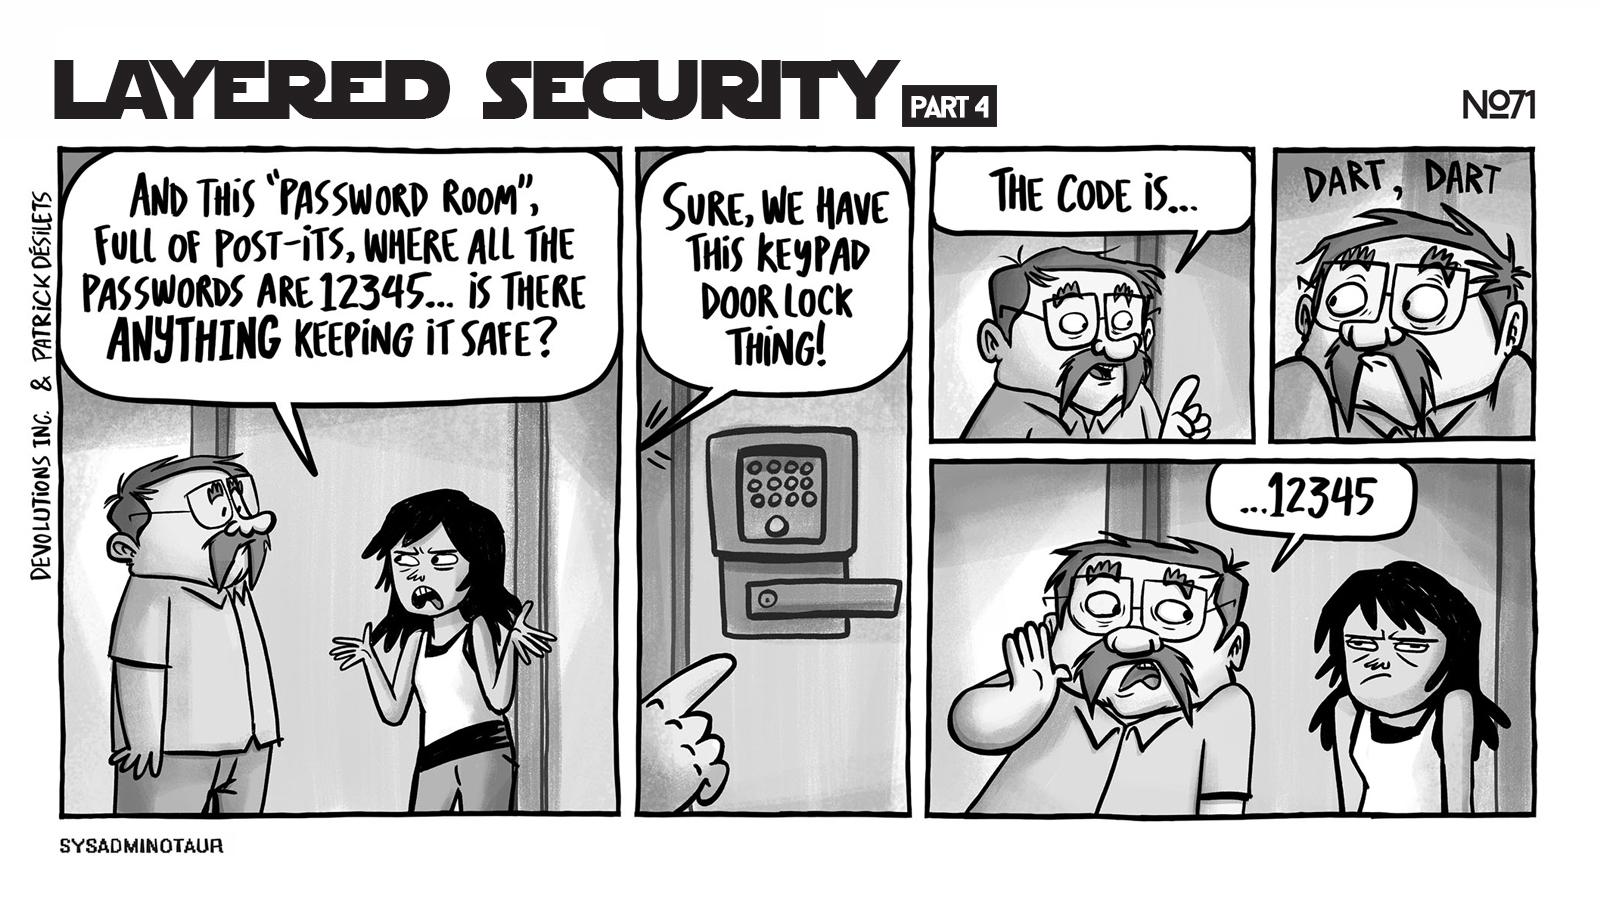 sysadminotaur 071 layered security pt4